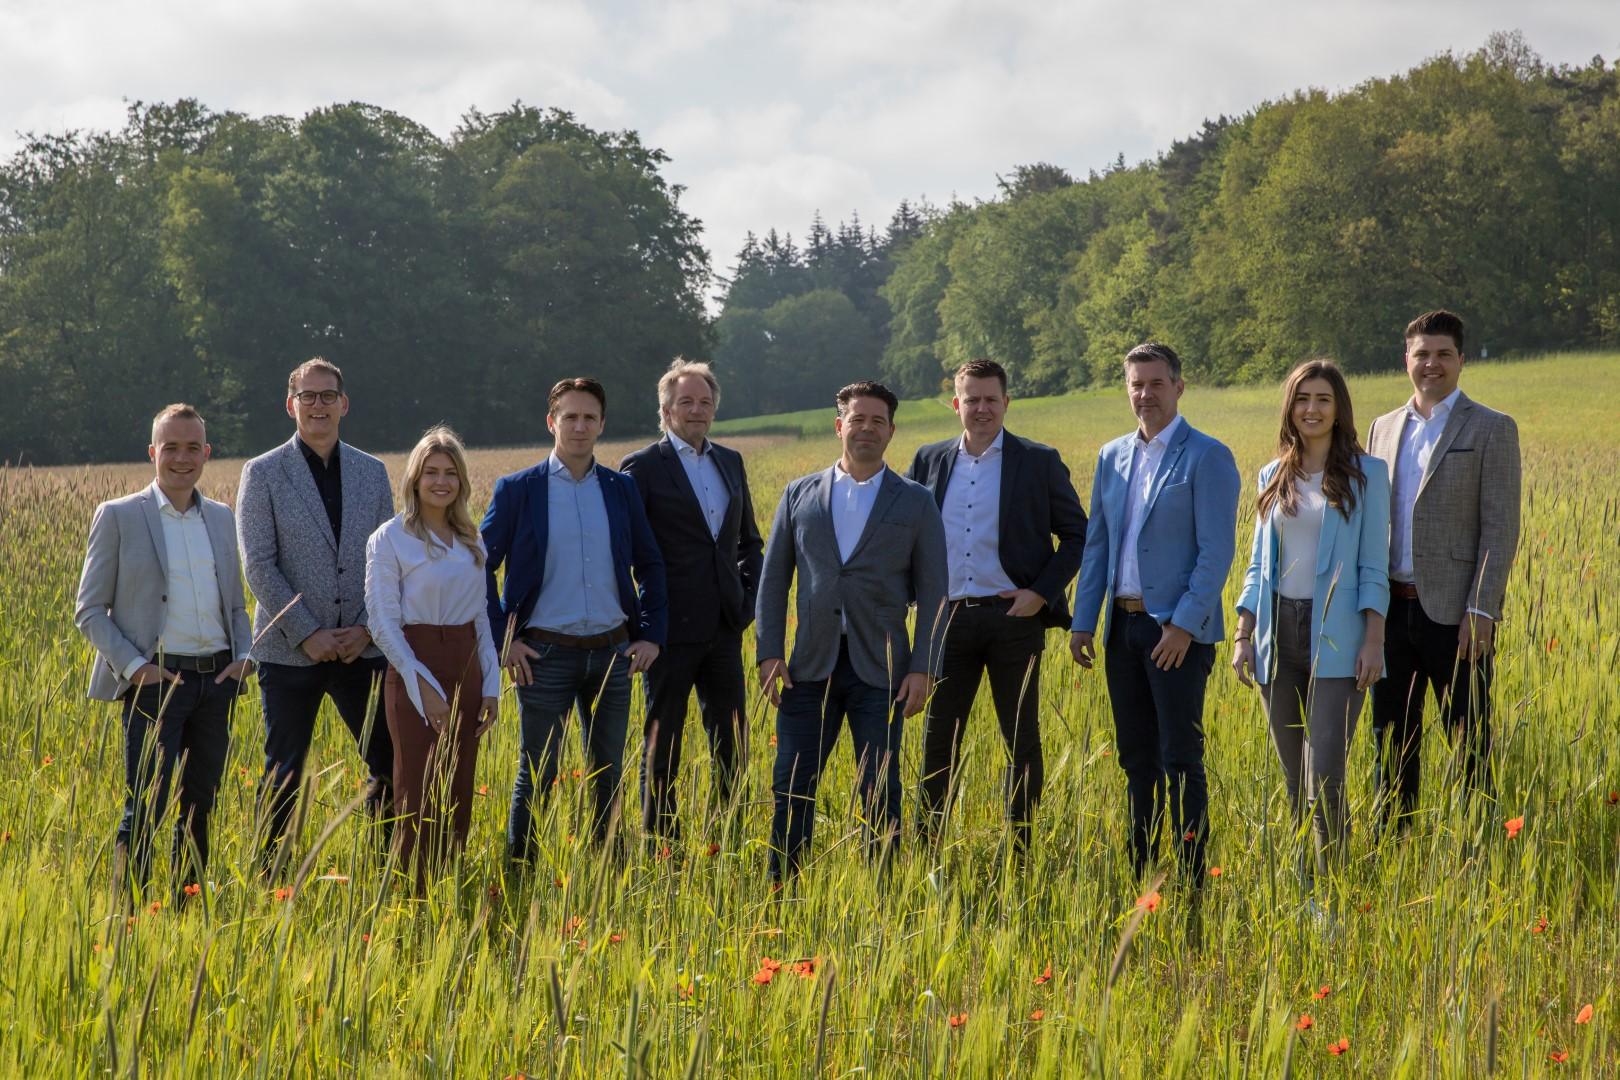 Nieuwe kantoorvideo voor Heilbron Makelaardij